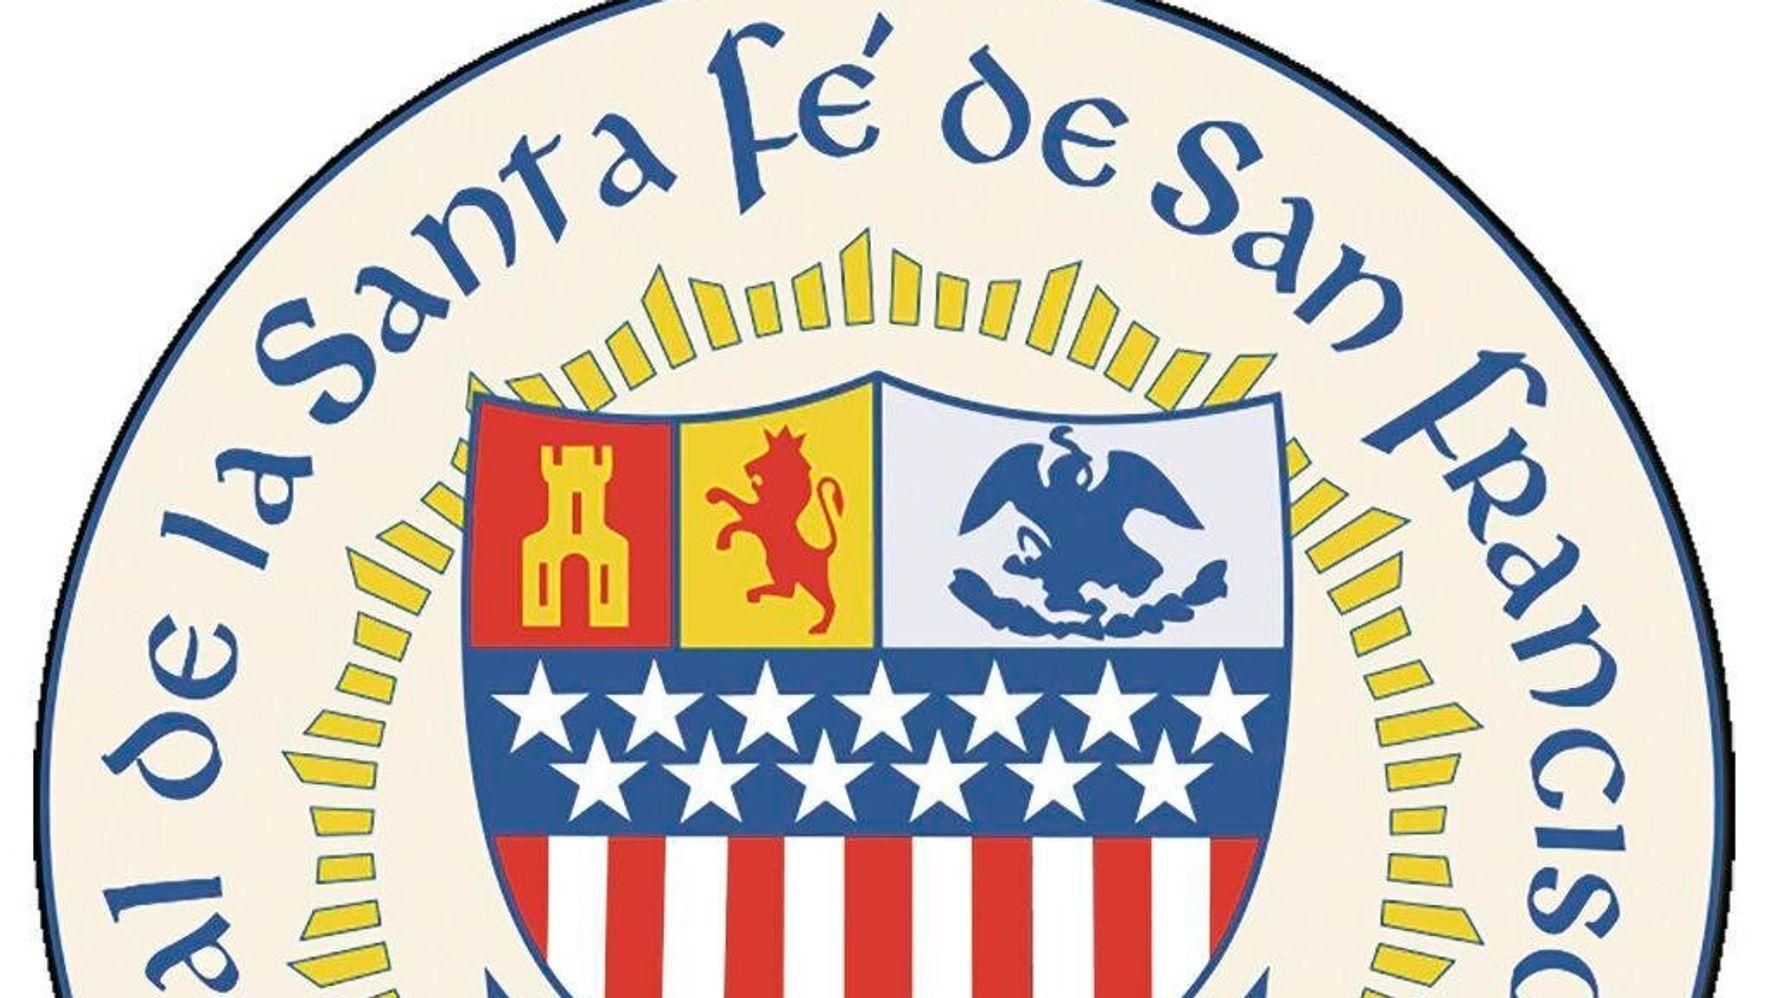 ¡Eso lo sella! El sello oficial de la ciudad de Santa Fe tiene una marca de acento en un lugar equivocado